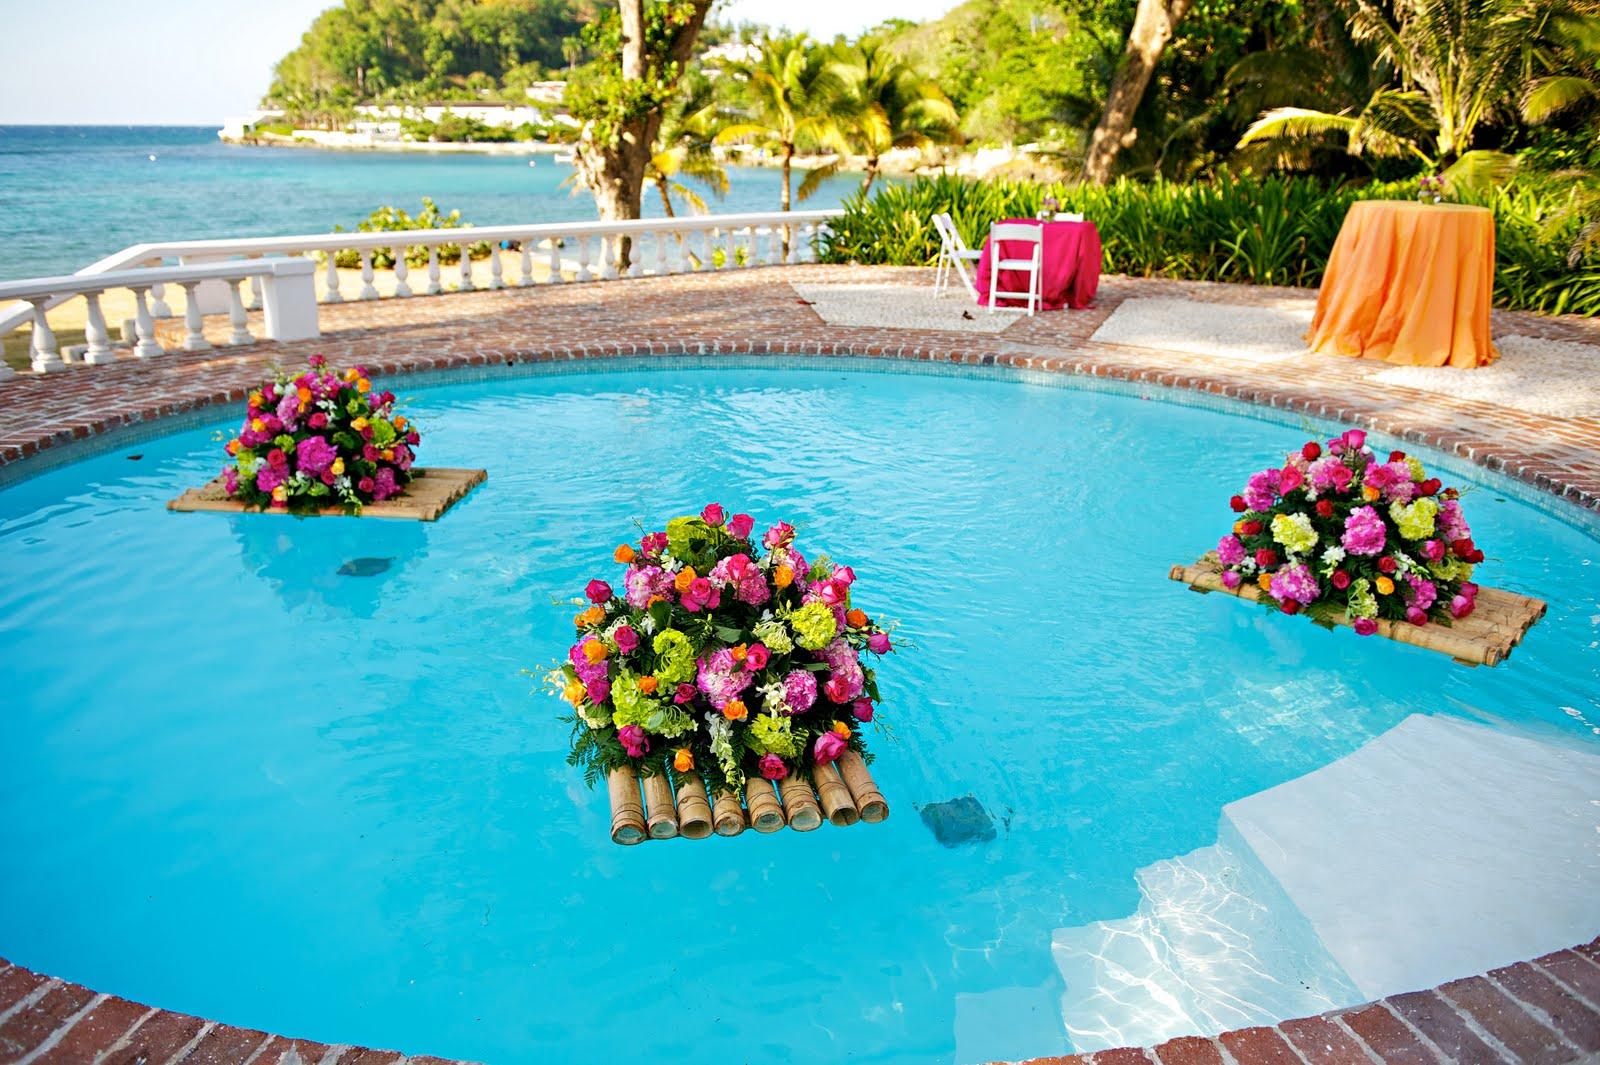 Destination Weddings Destination Wedding Jamaica A Tropical Fantasy